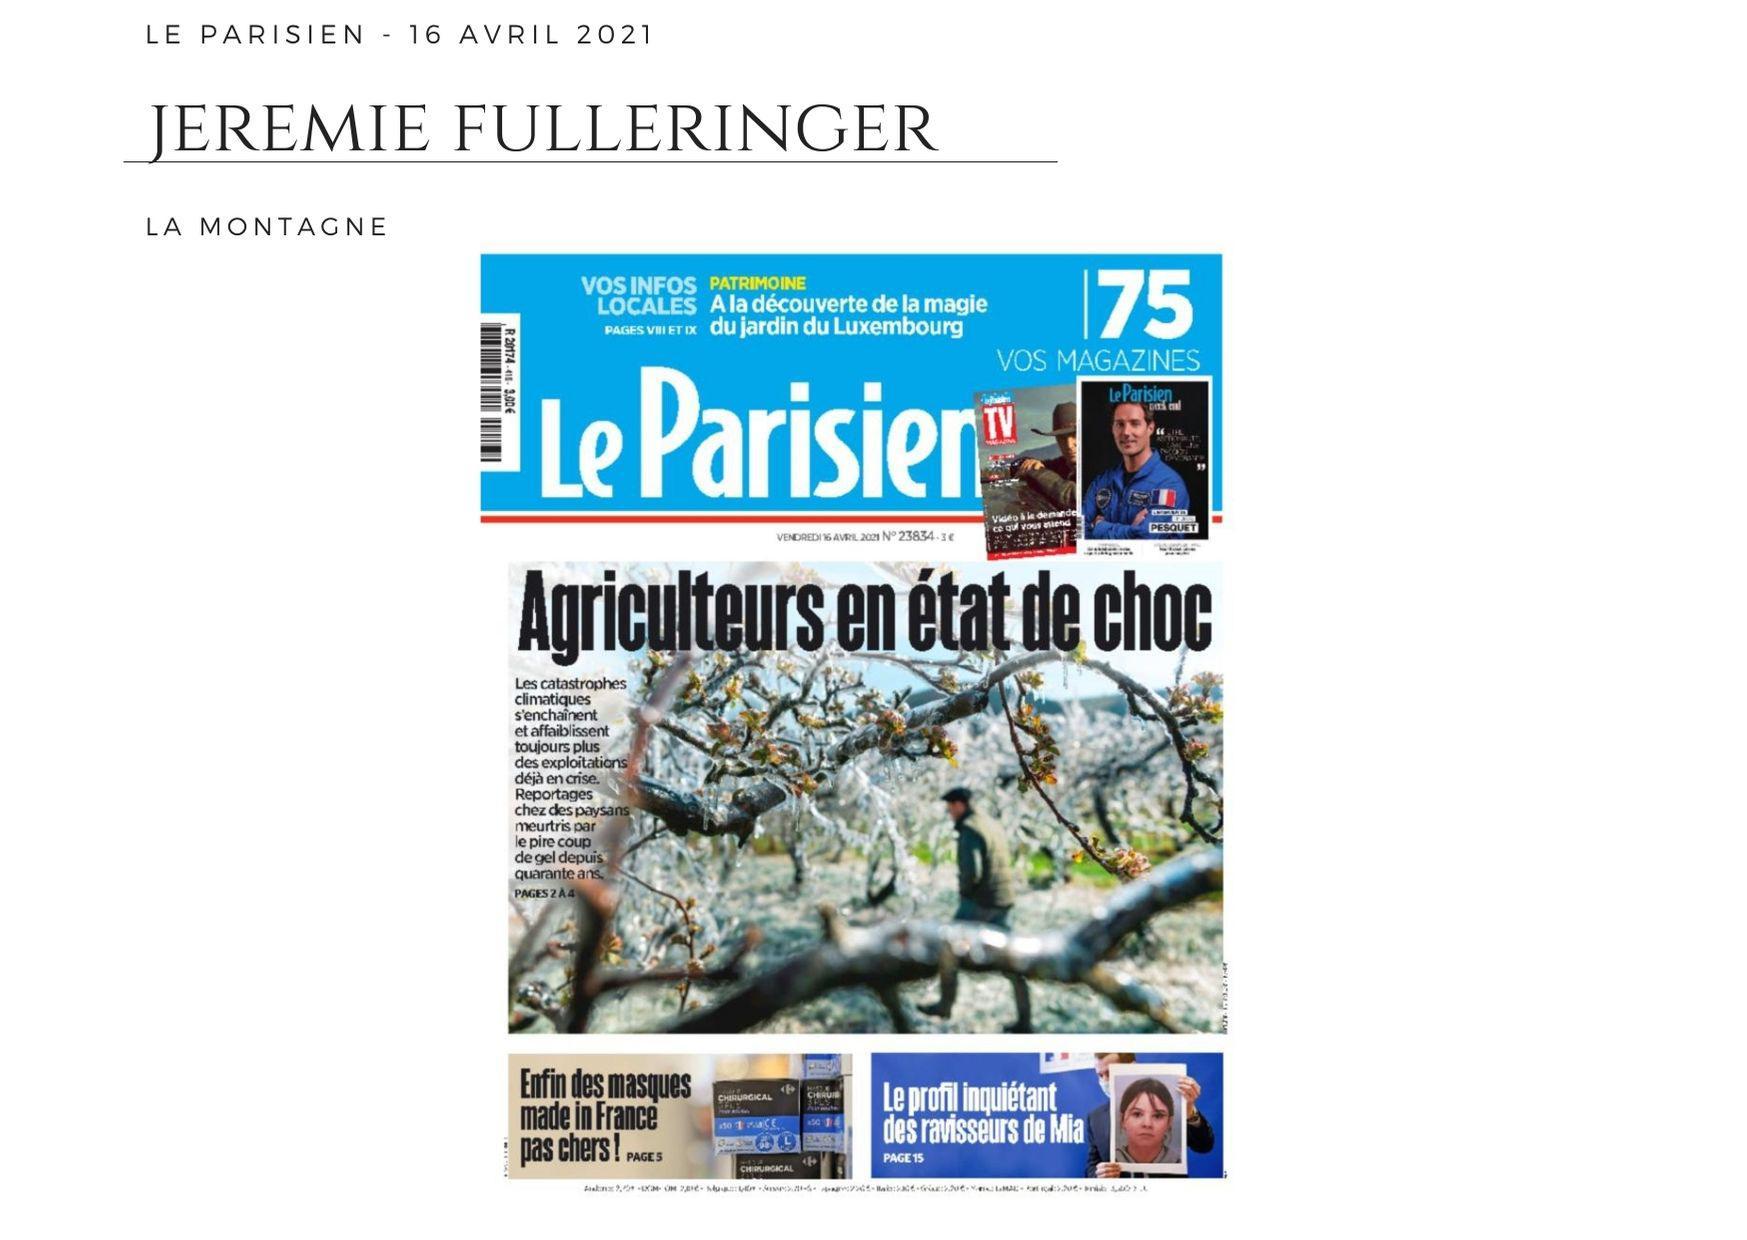 Le Parisien - 16 avril 2021